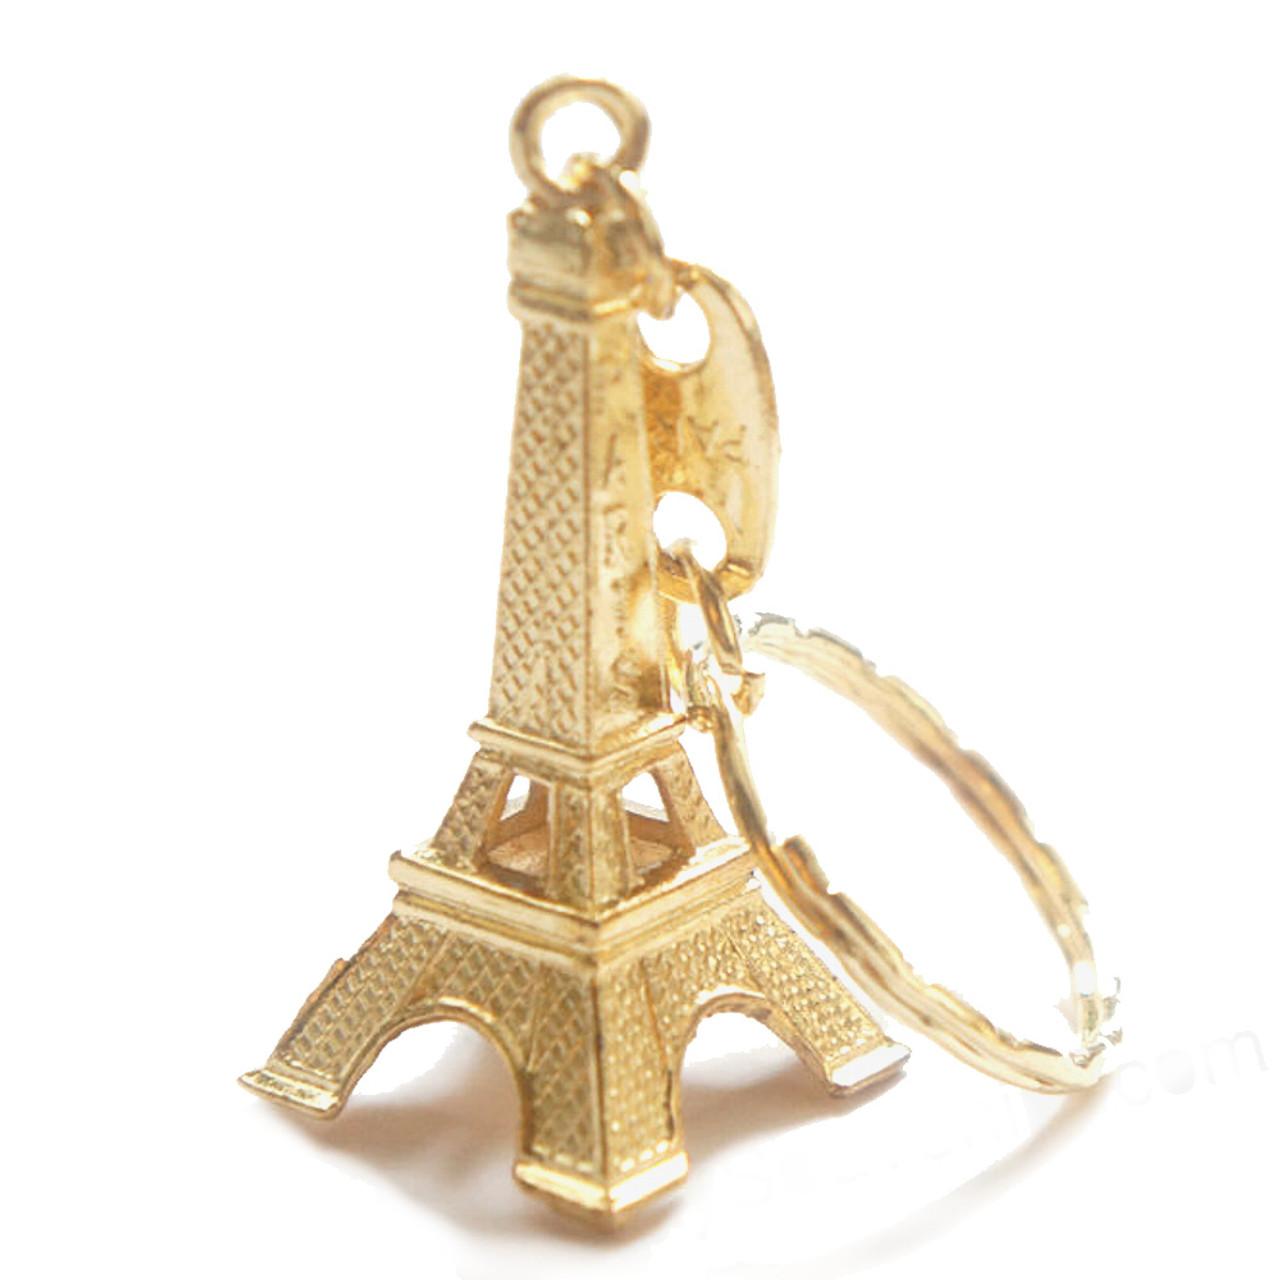 Gold 3D Eiffel Tower Key Chain b20b05b73c5d